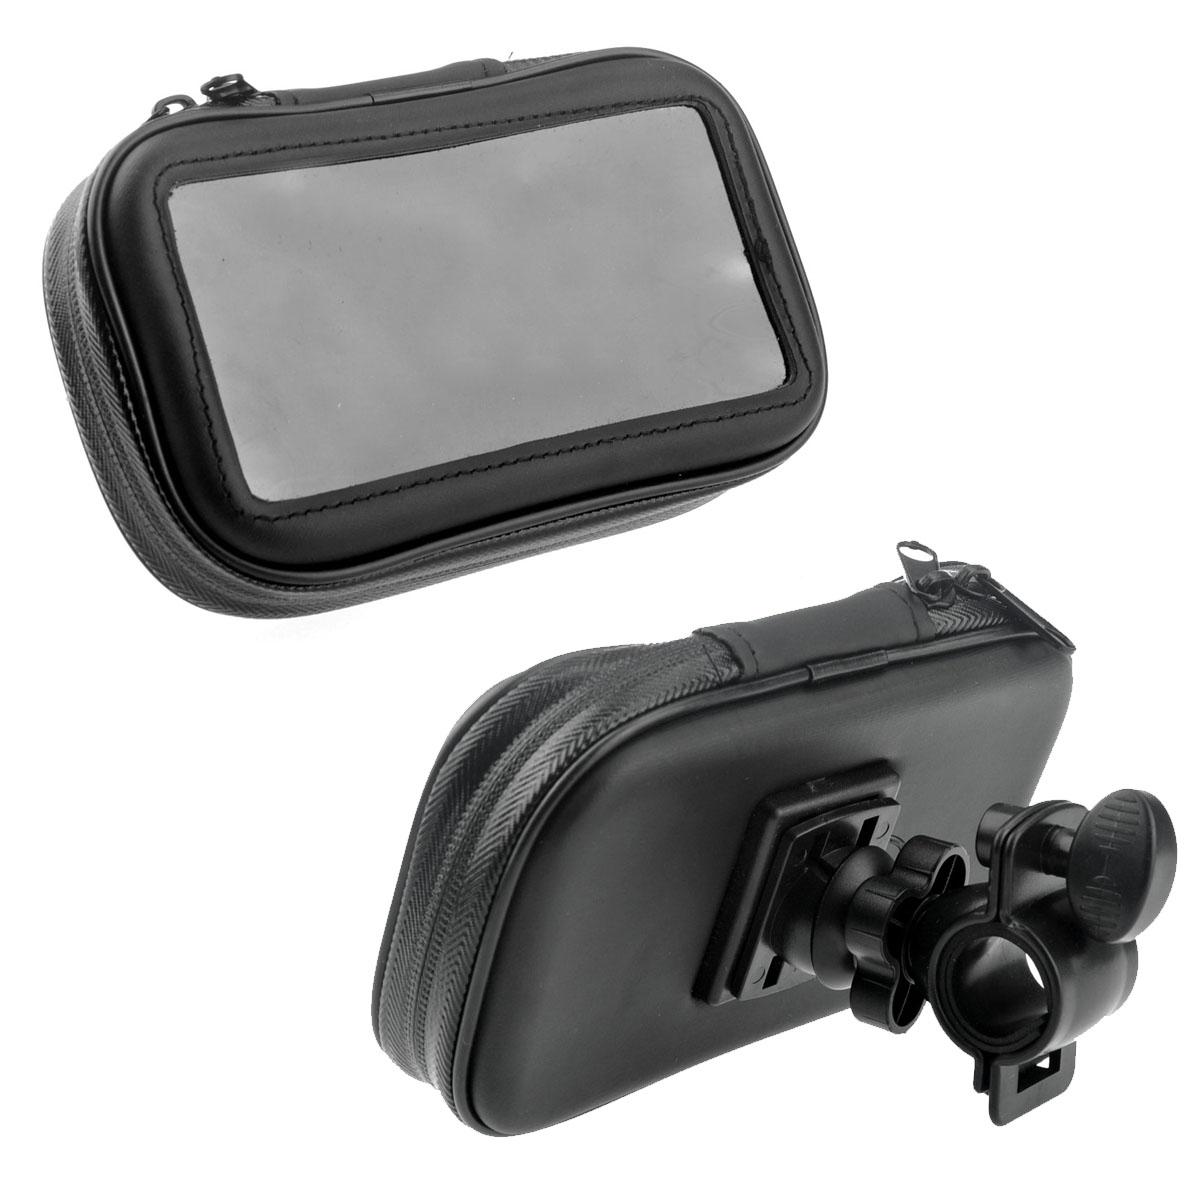 [해외]4.3 & 5.0 및 GPS / 핸드폰 / PDA에 대 한 휴대용 자전거 자전거 오토바이 방수 가방 CaseMount 홀더/Portable Bike Bicycle Motorcycle Waterproof Bag CaseMount Holder for 4.3&